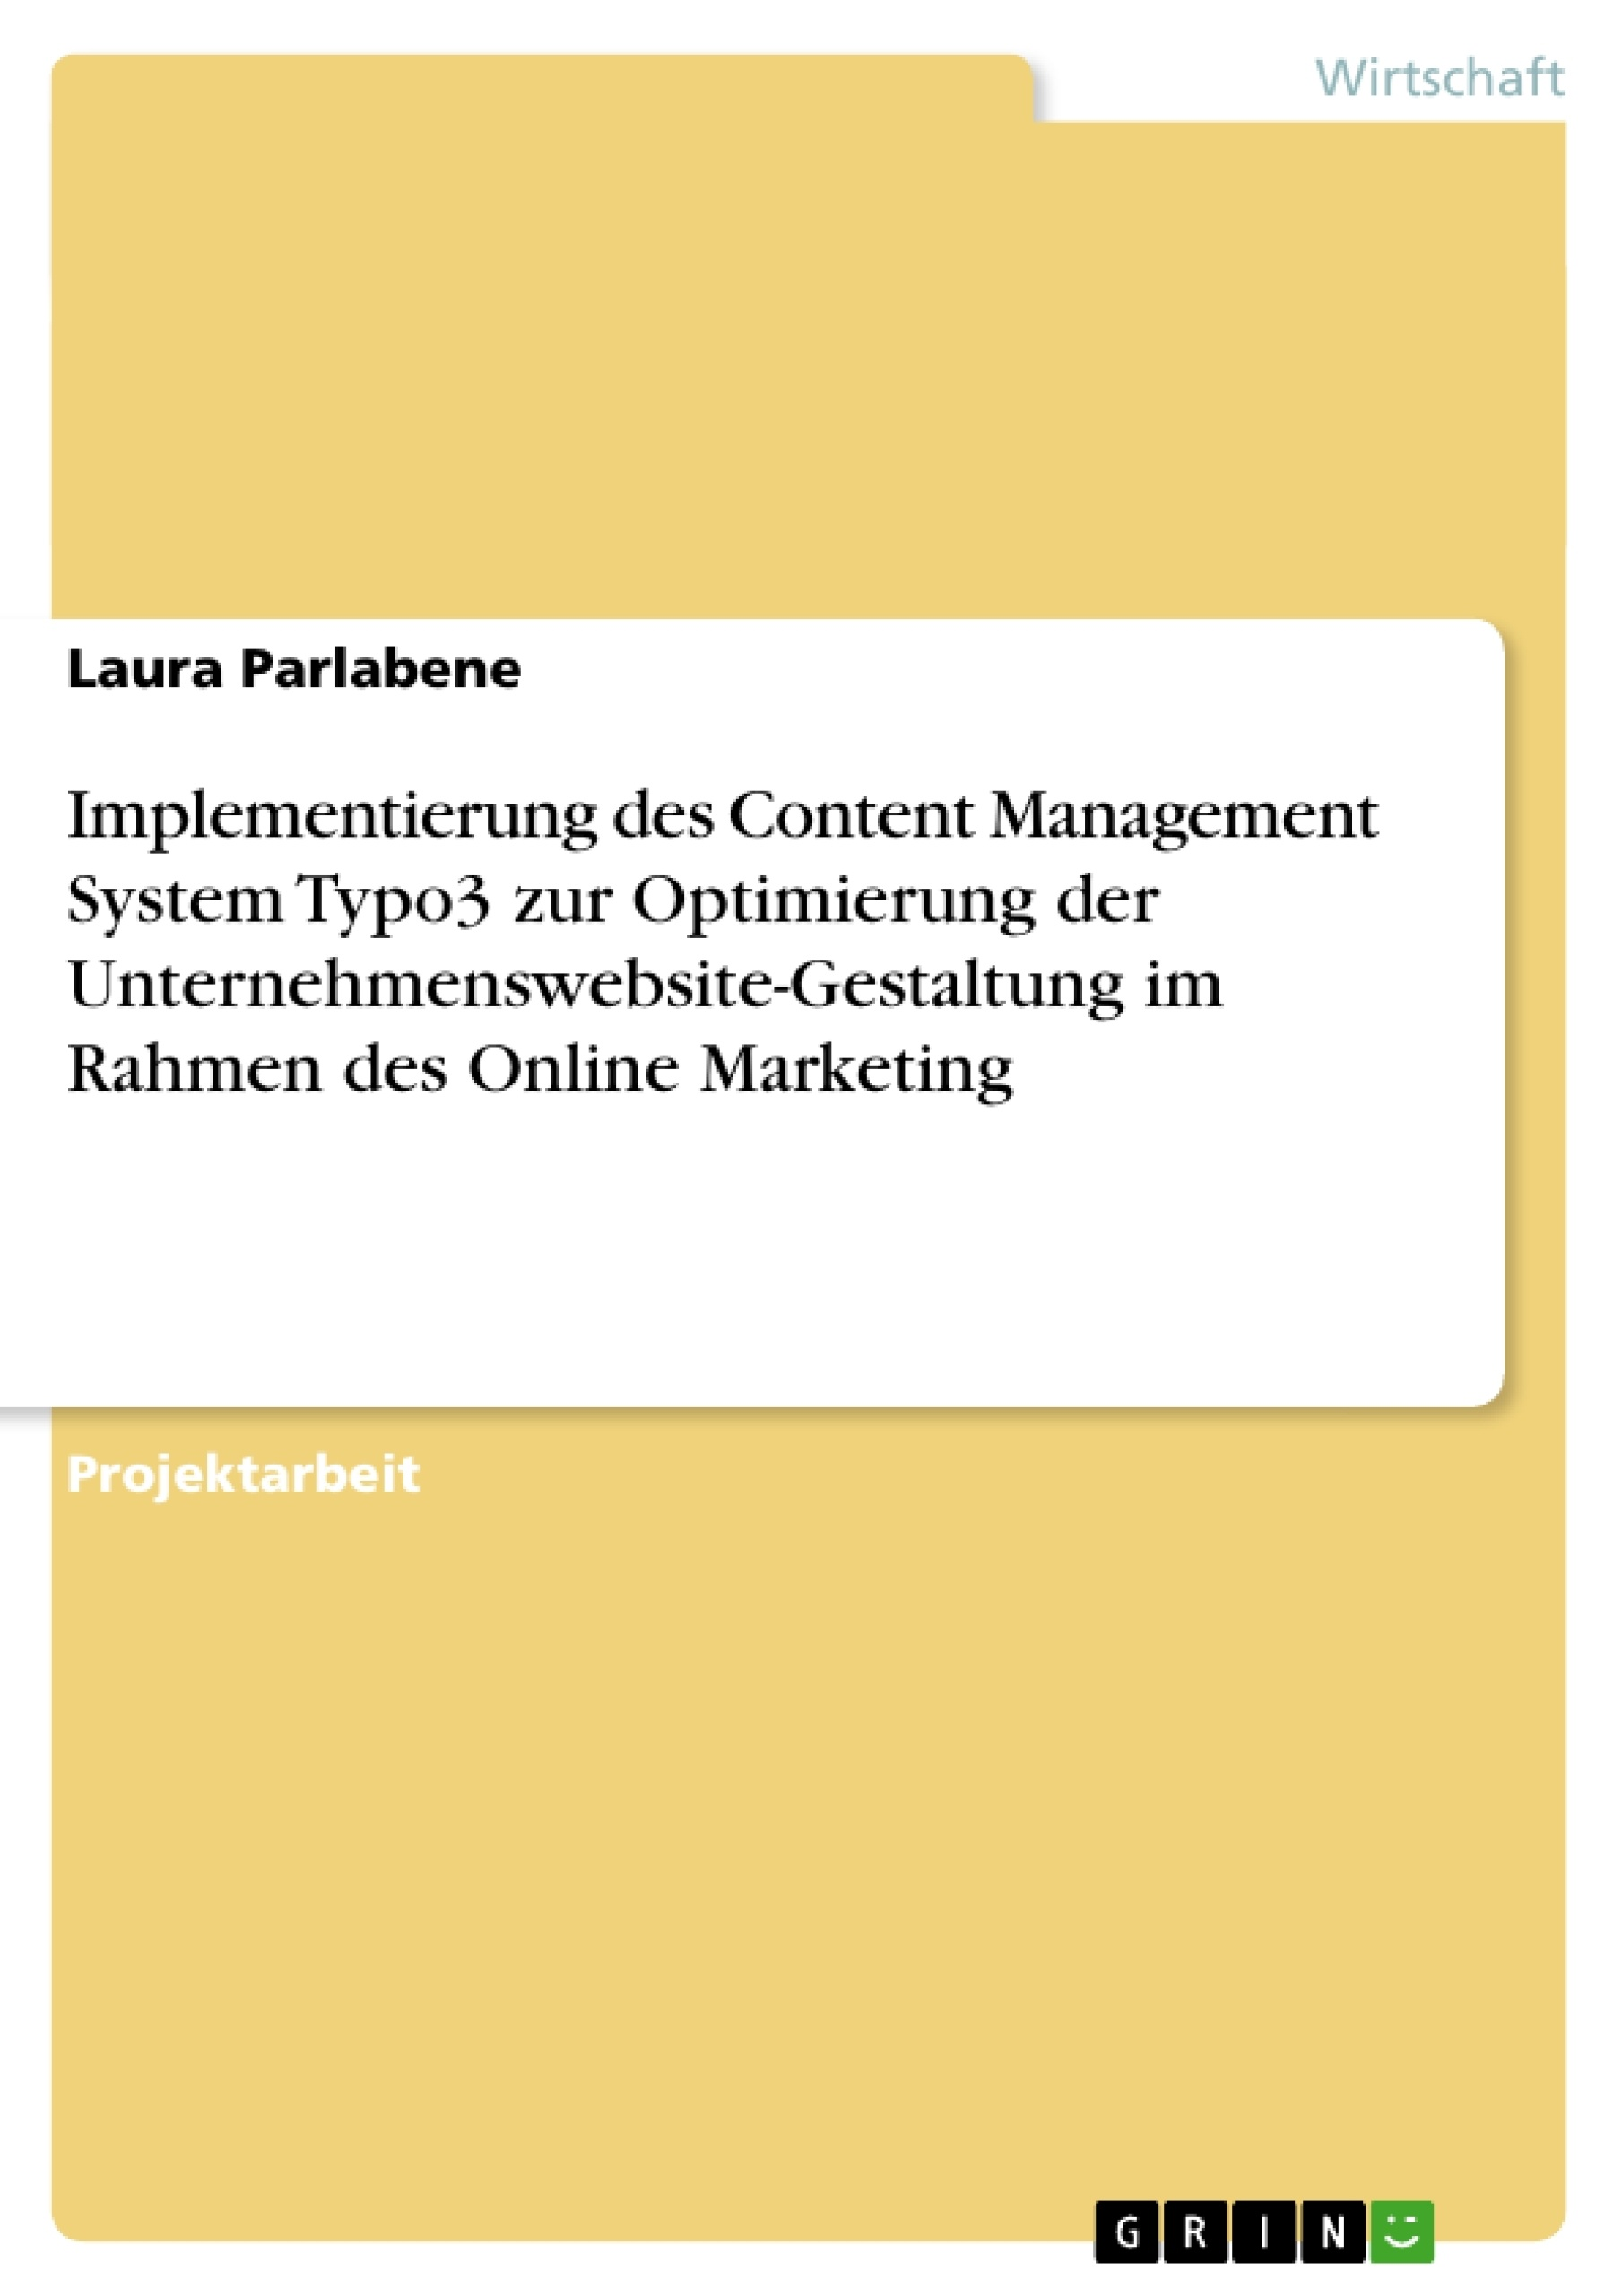 Titel: Implementierung des Content Management System Typo3 zur Optimierung der Unternehmenswebsite-Gestaltung im Rahmen des Online Marketing